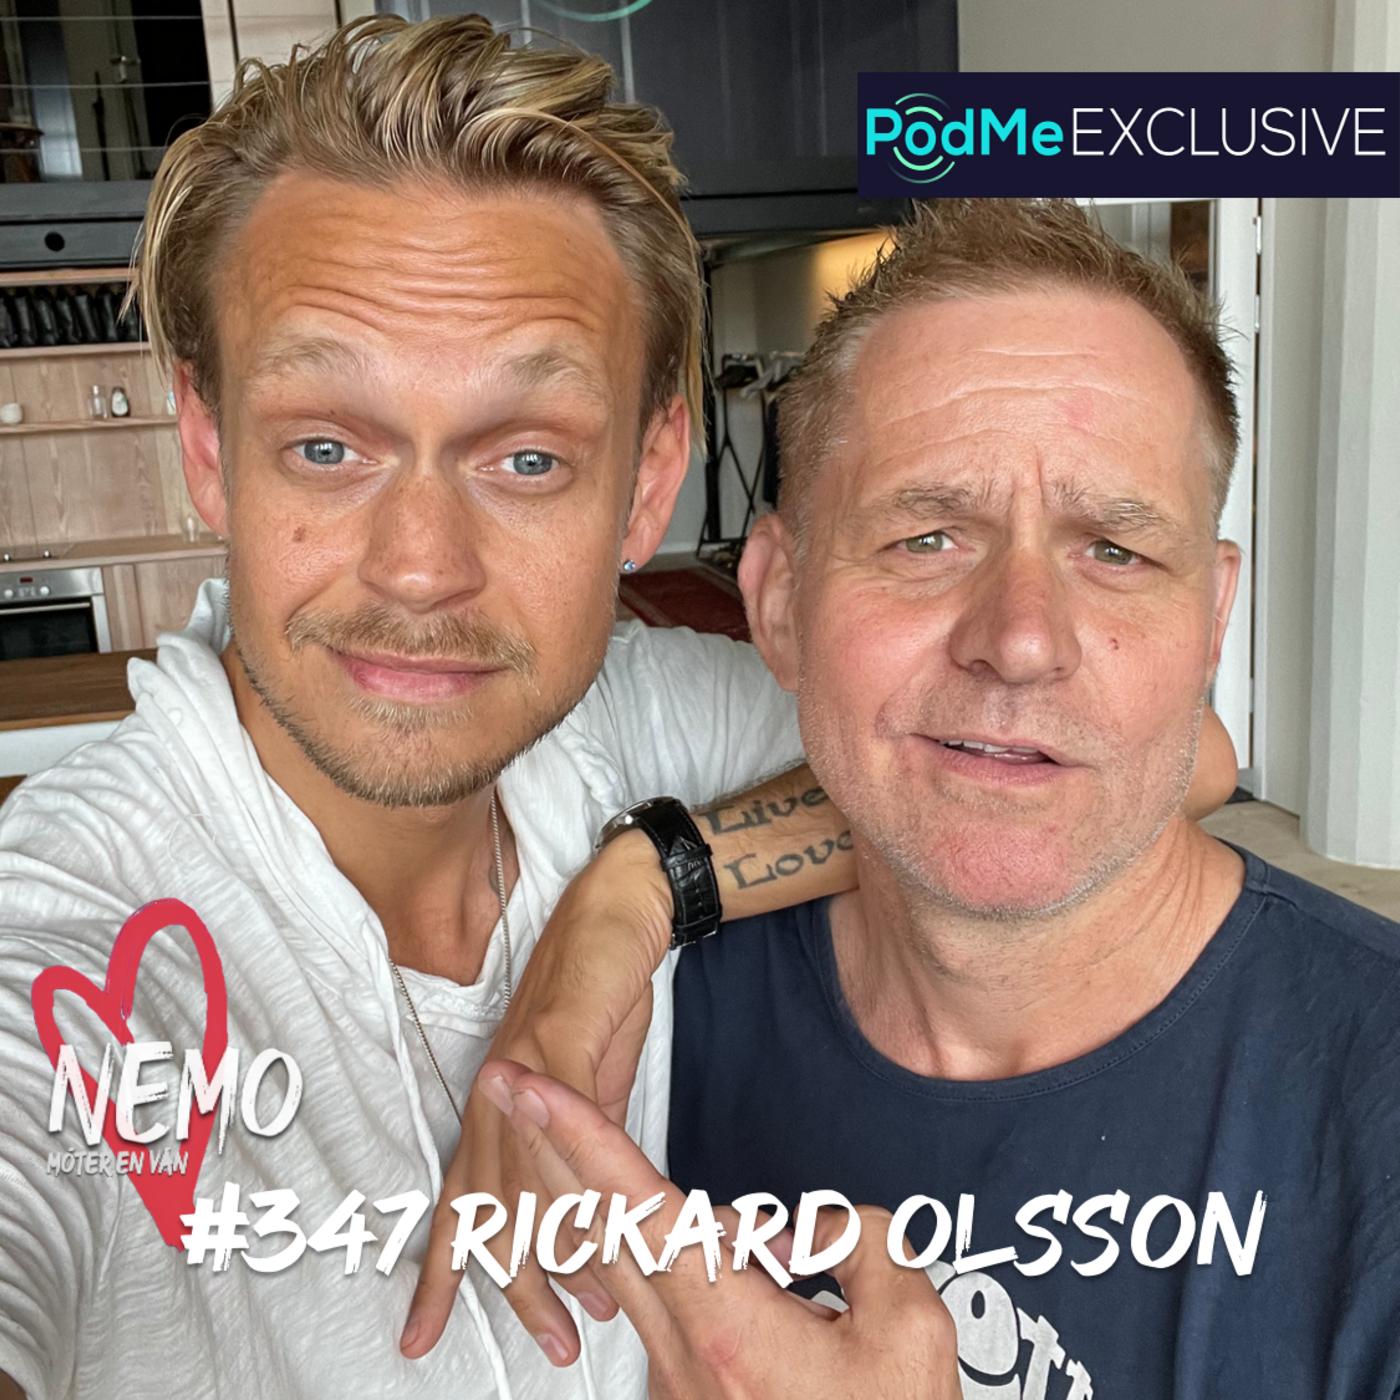 347. Rickard Olsson TEASER!